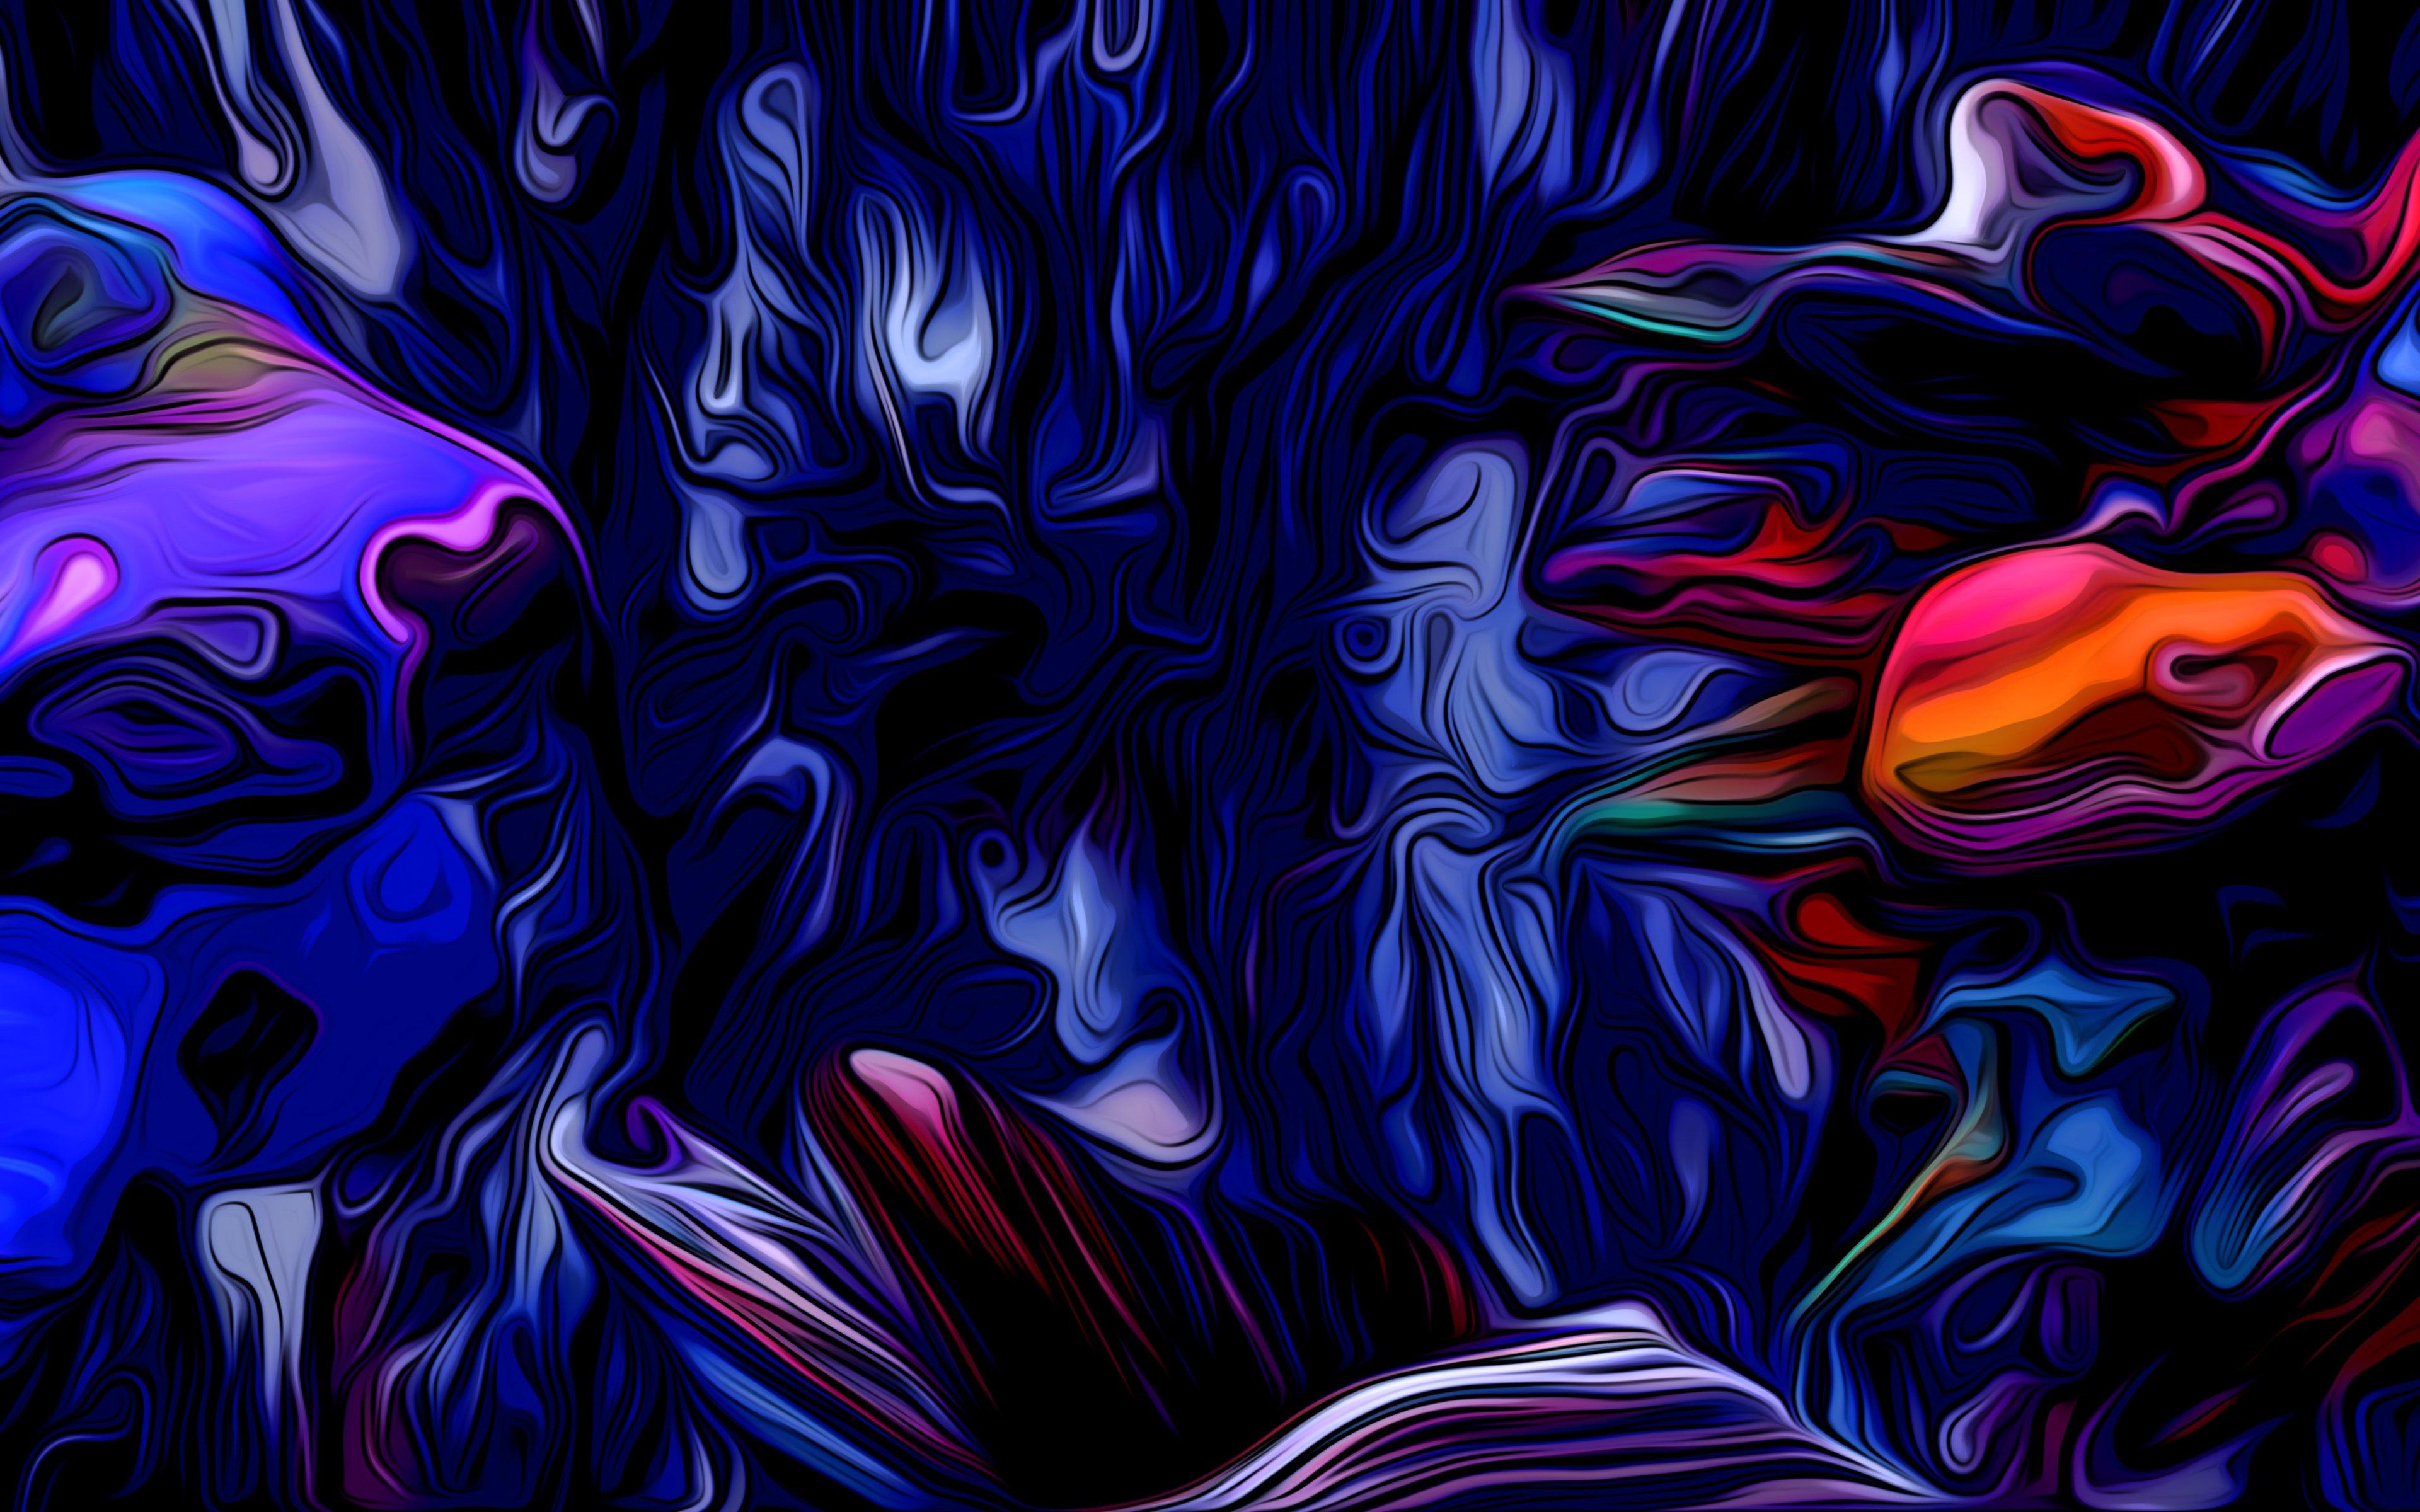 Fondos de pantalla Ondas abstractas de colores